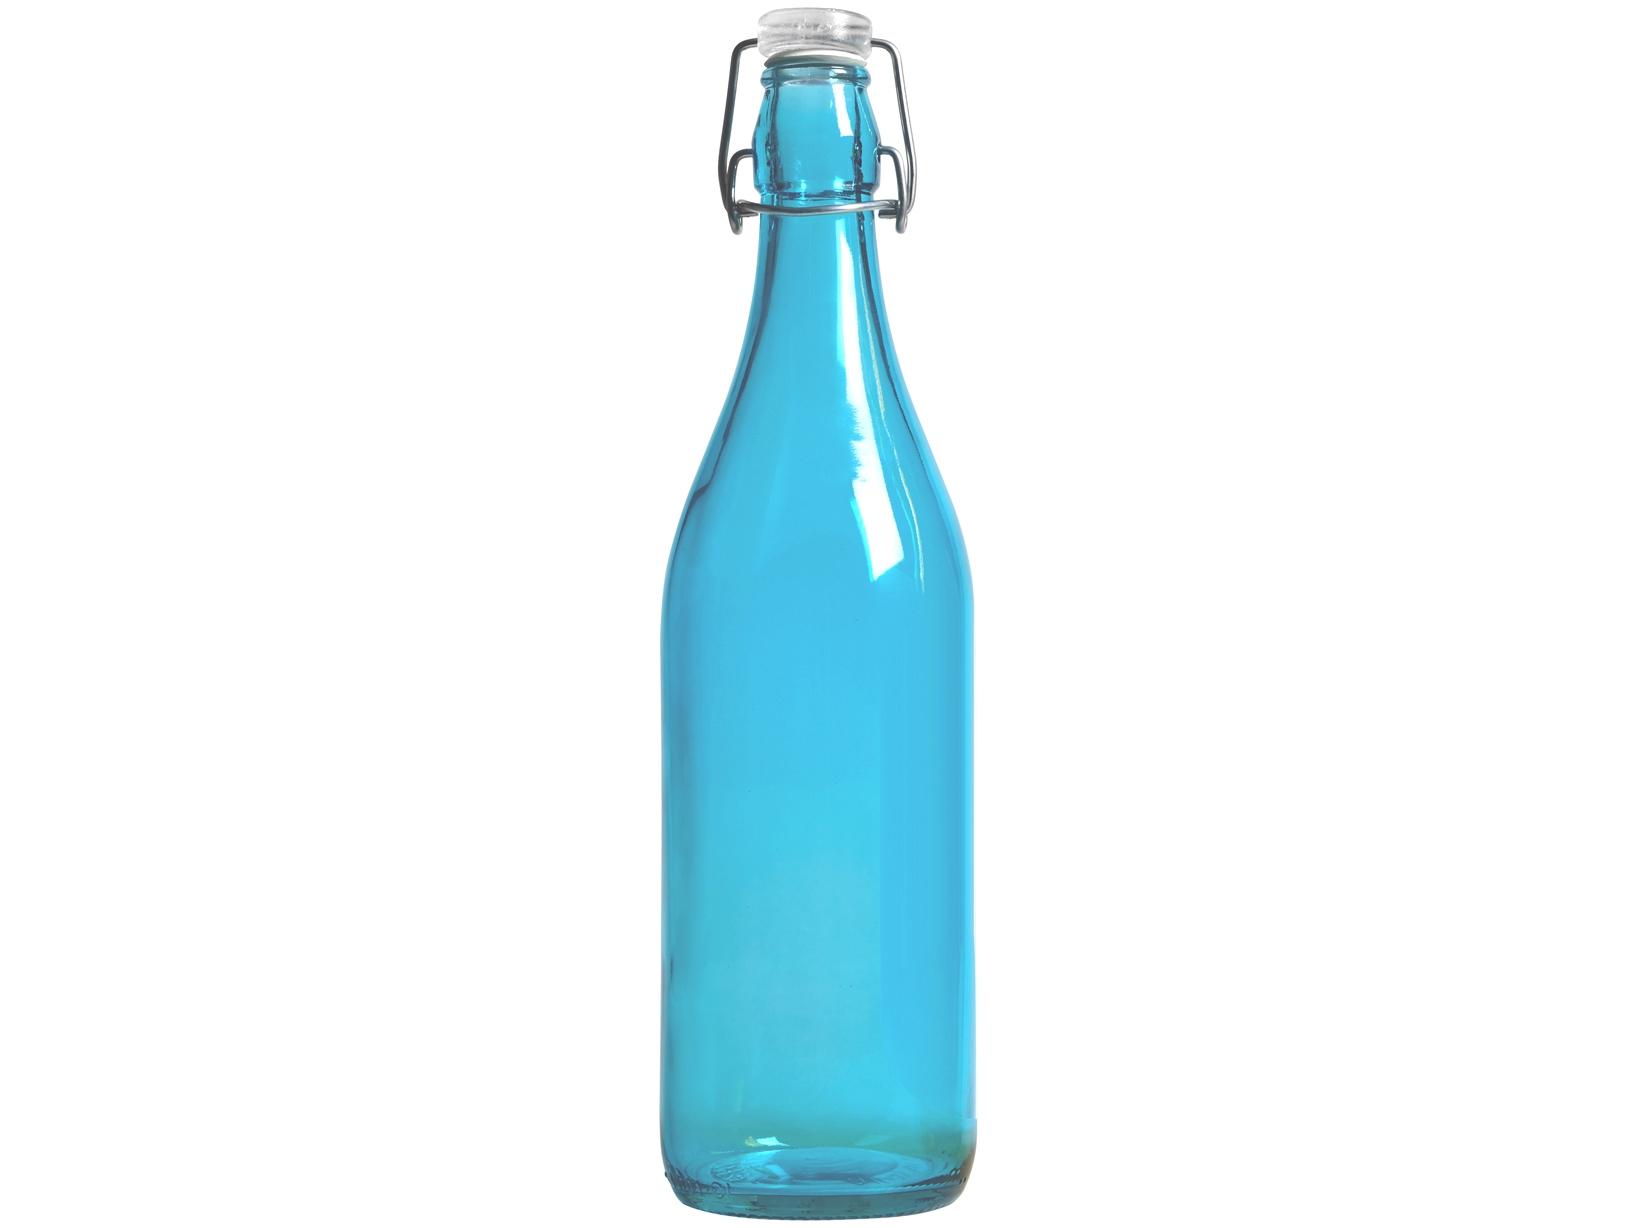 Acquista Set 6 Bottiglia Vetro Lella Colori 17505210 | Glooke.com